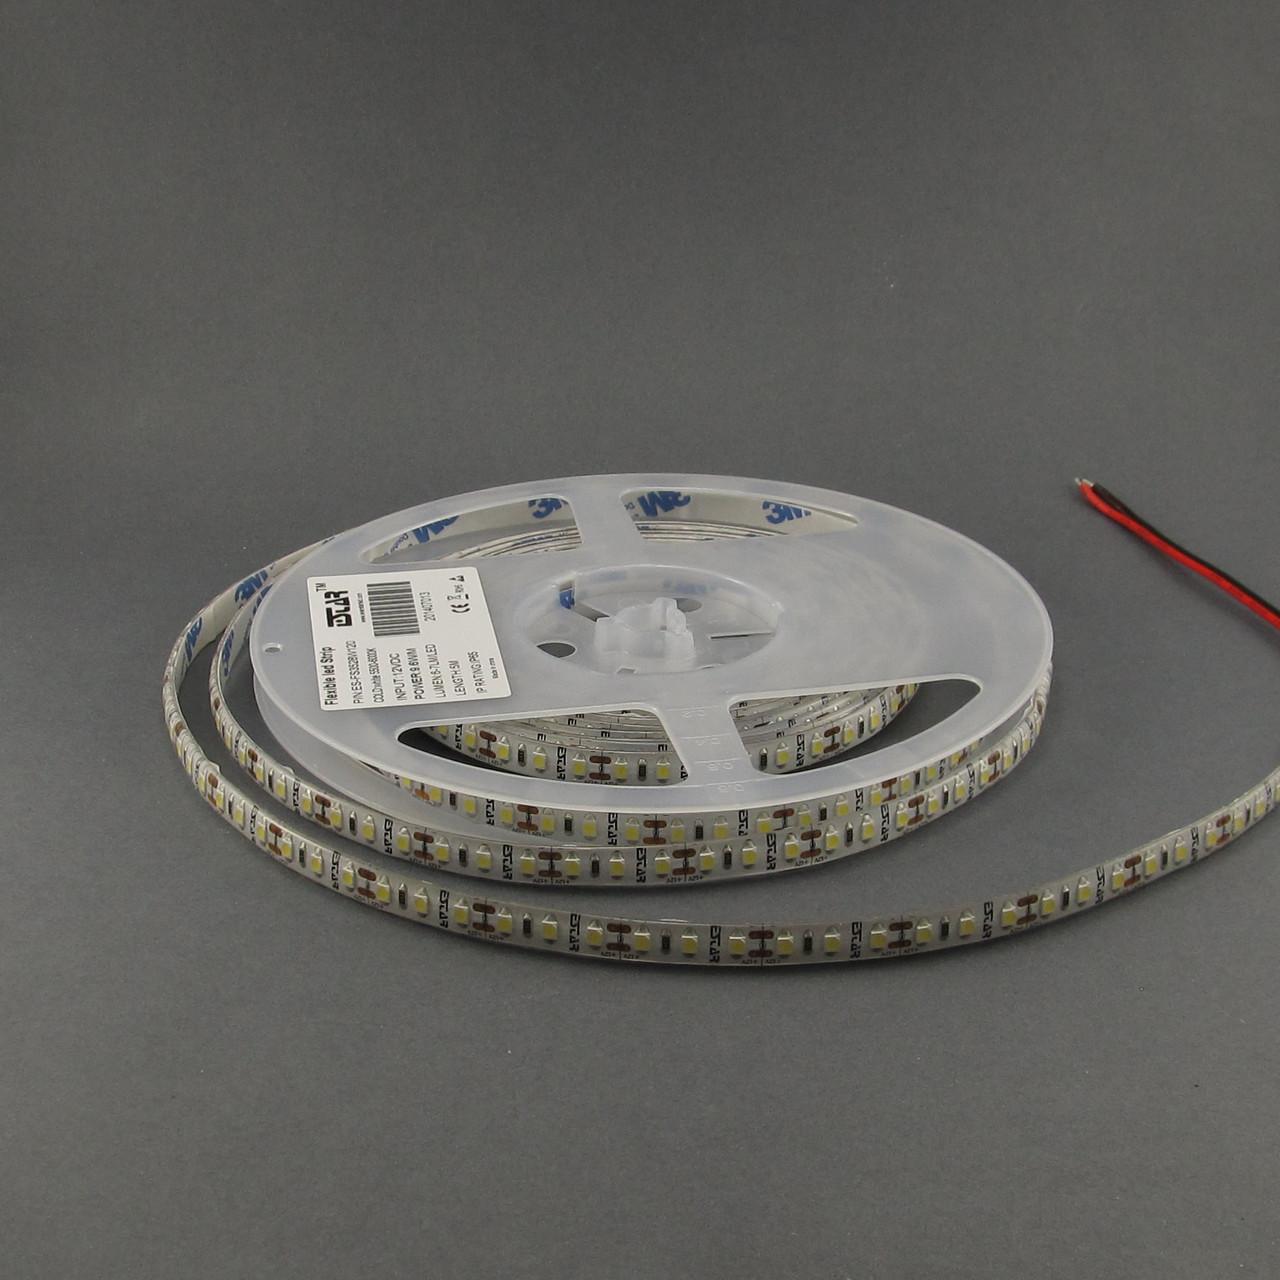 Светодиодная лента ESTAR 3528/120 9,6Вт 12В 3800-4300К Нейтральный белый IP65 премиум